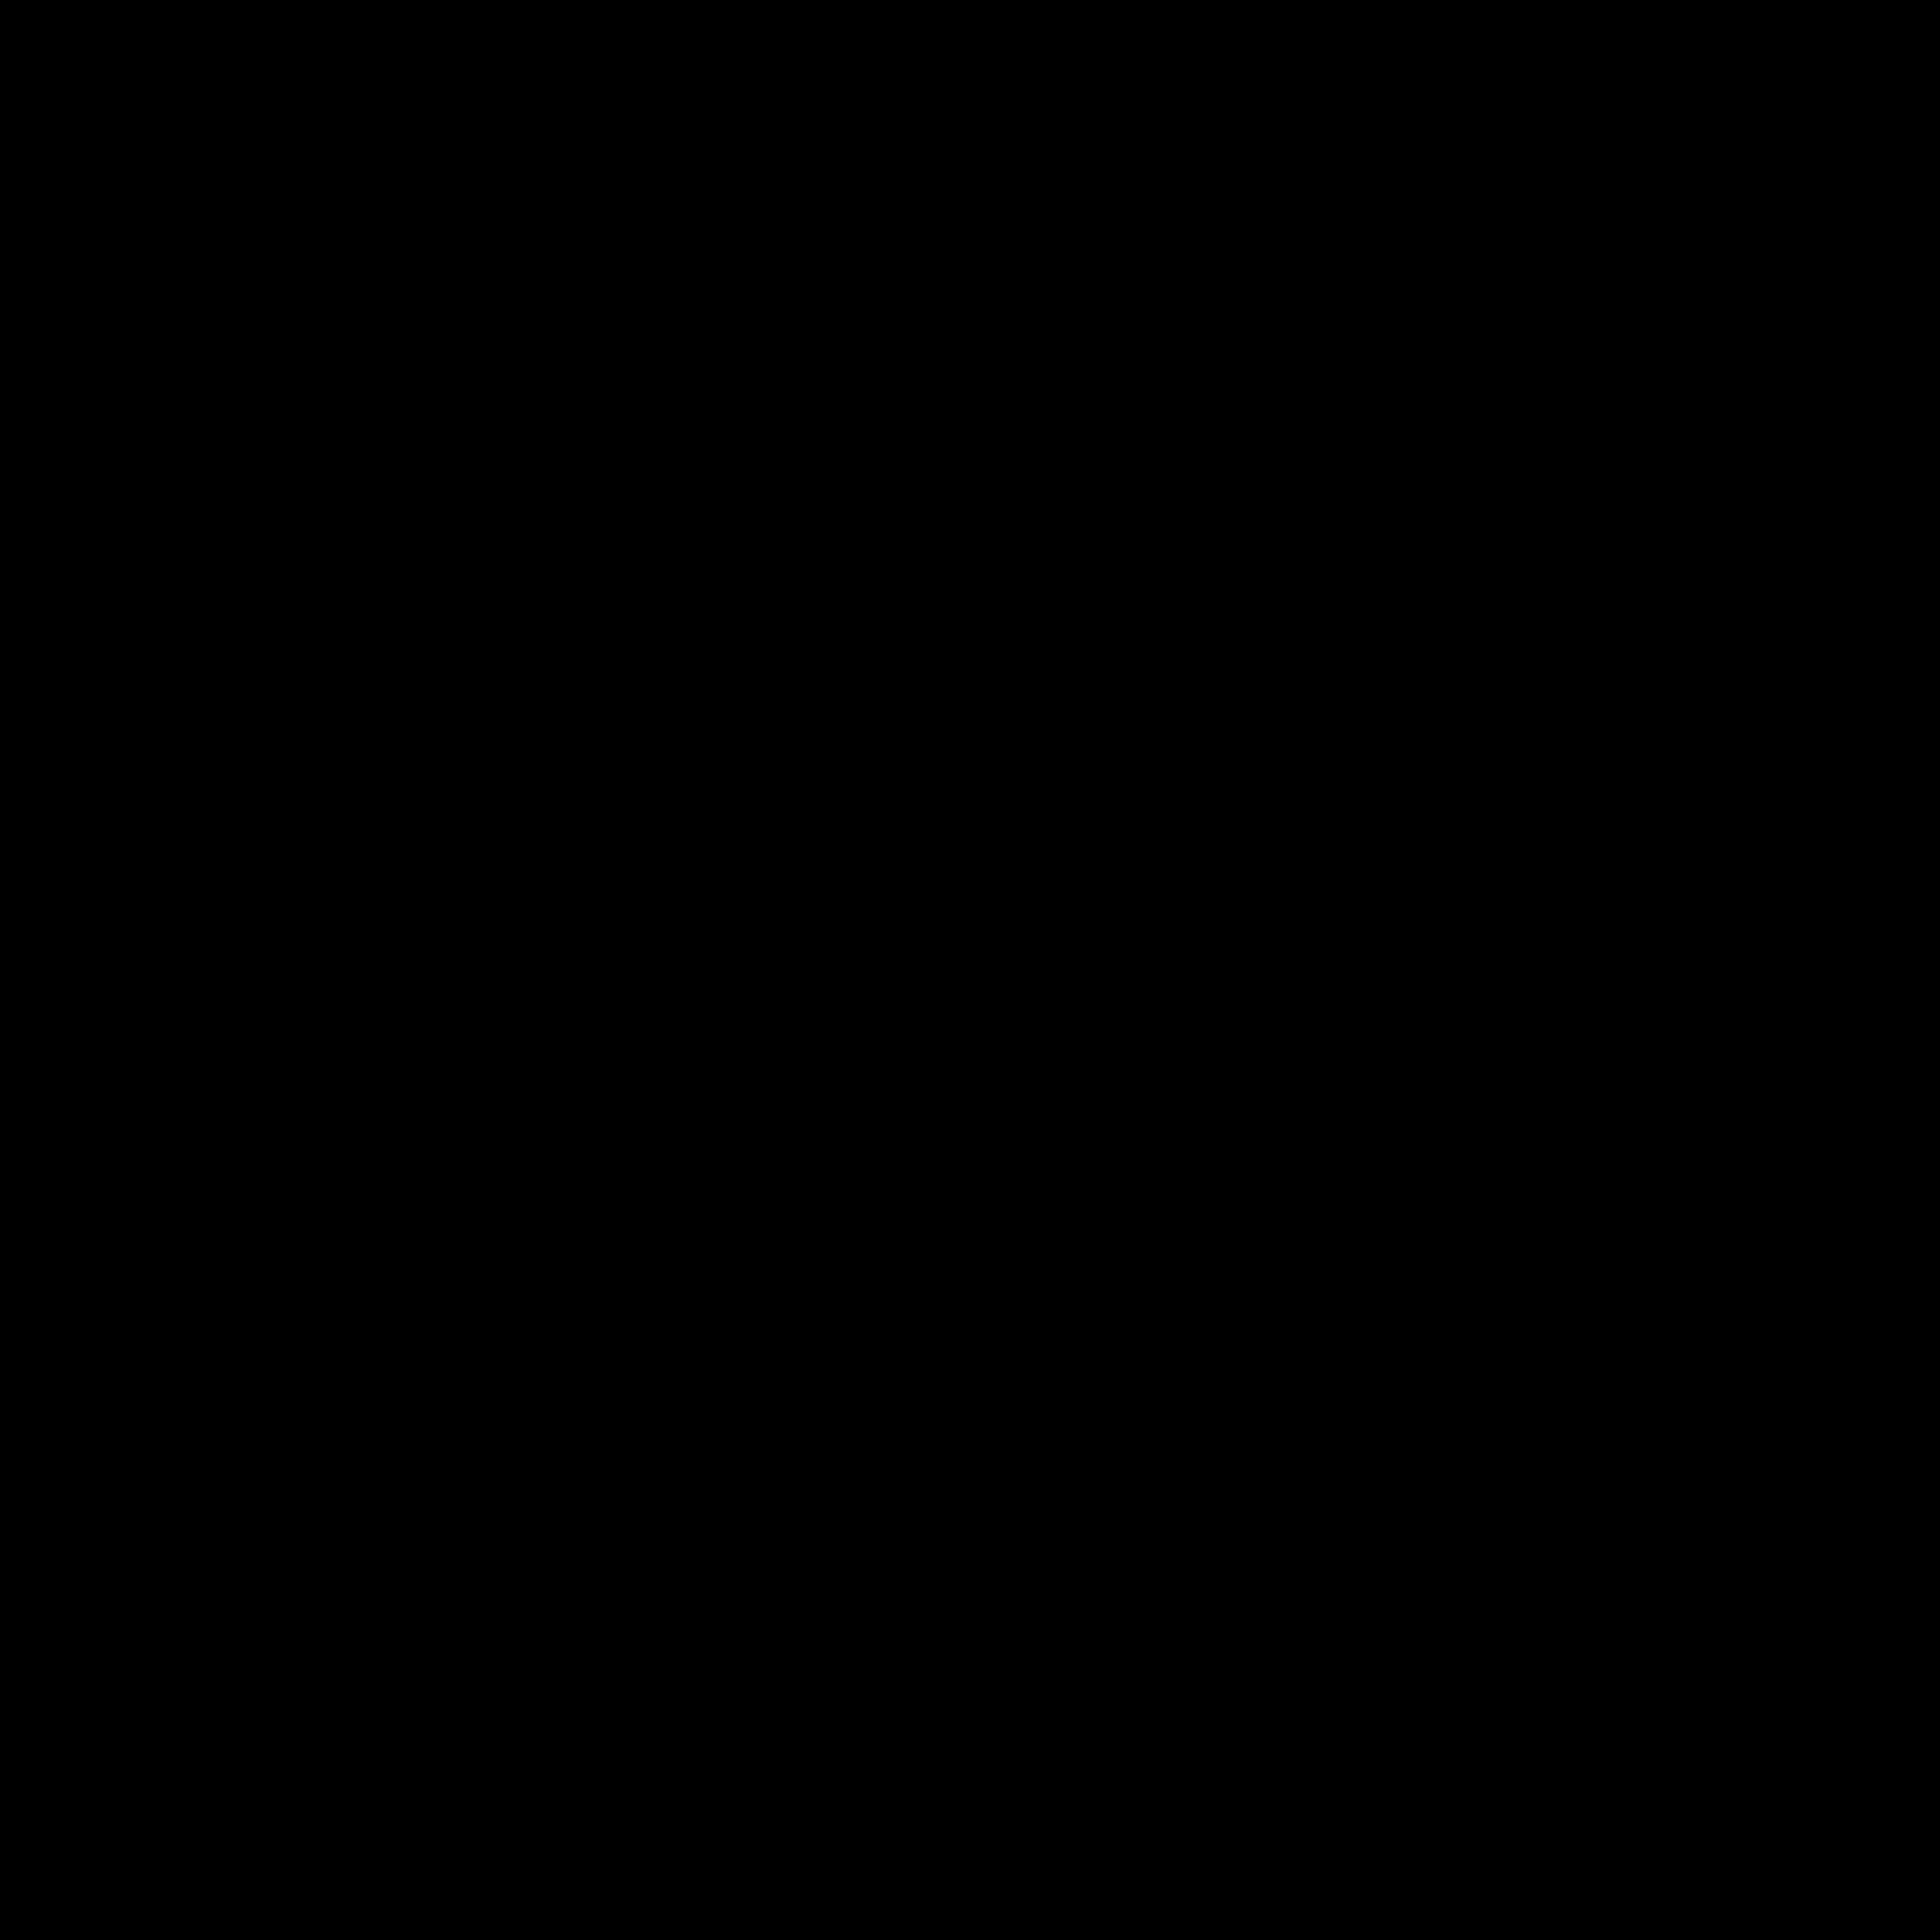 clipart tree border design